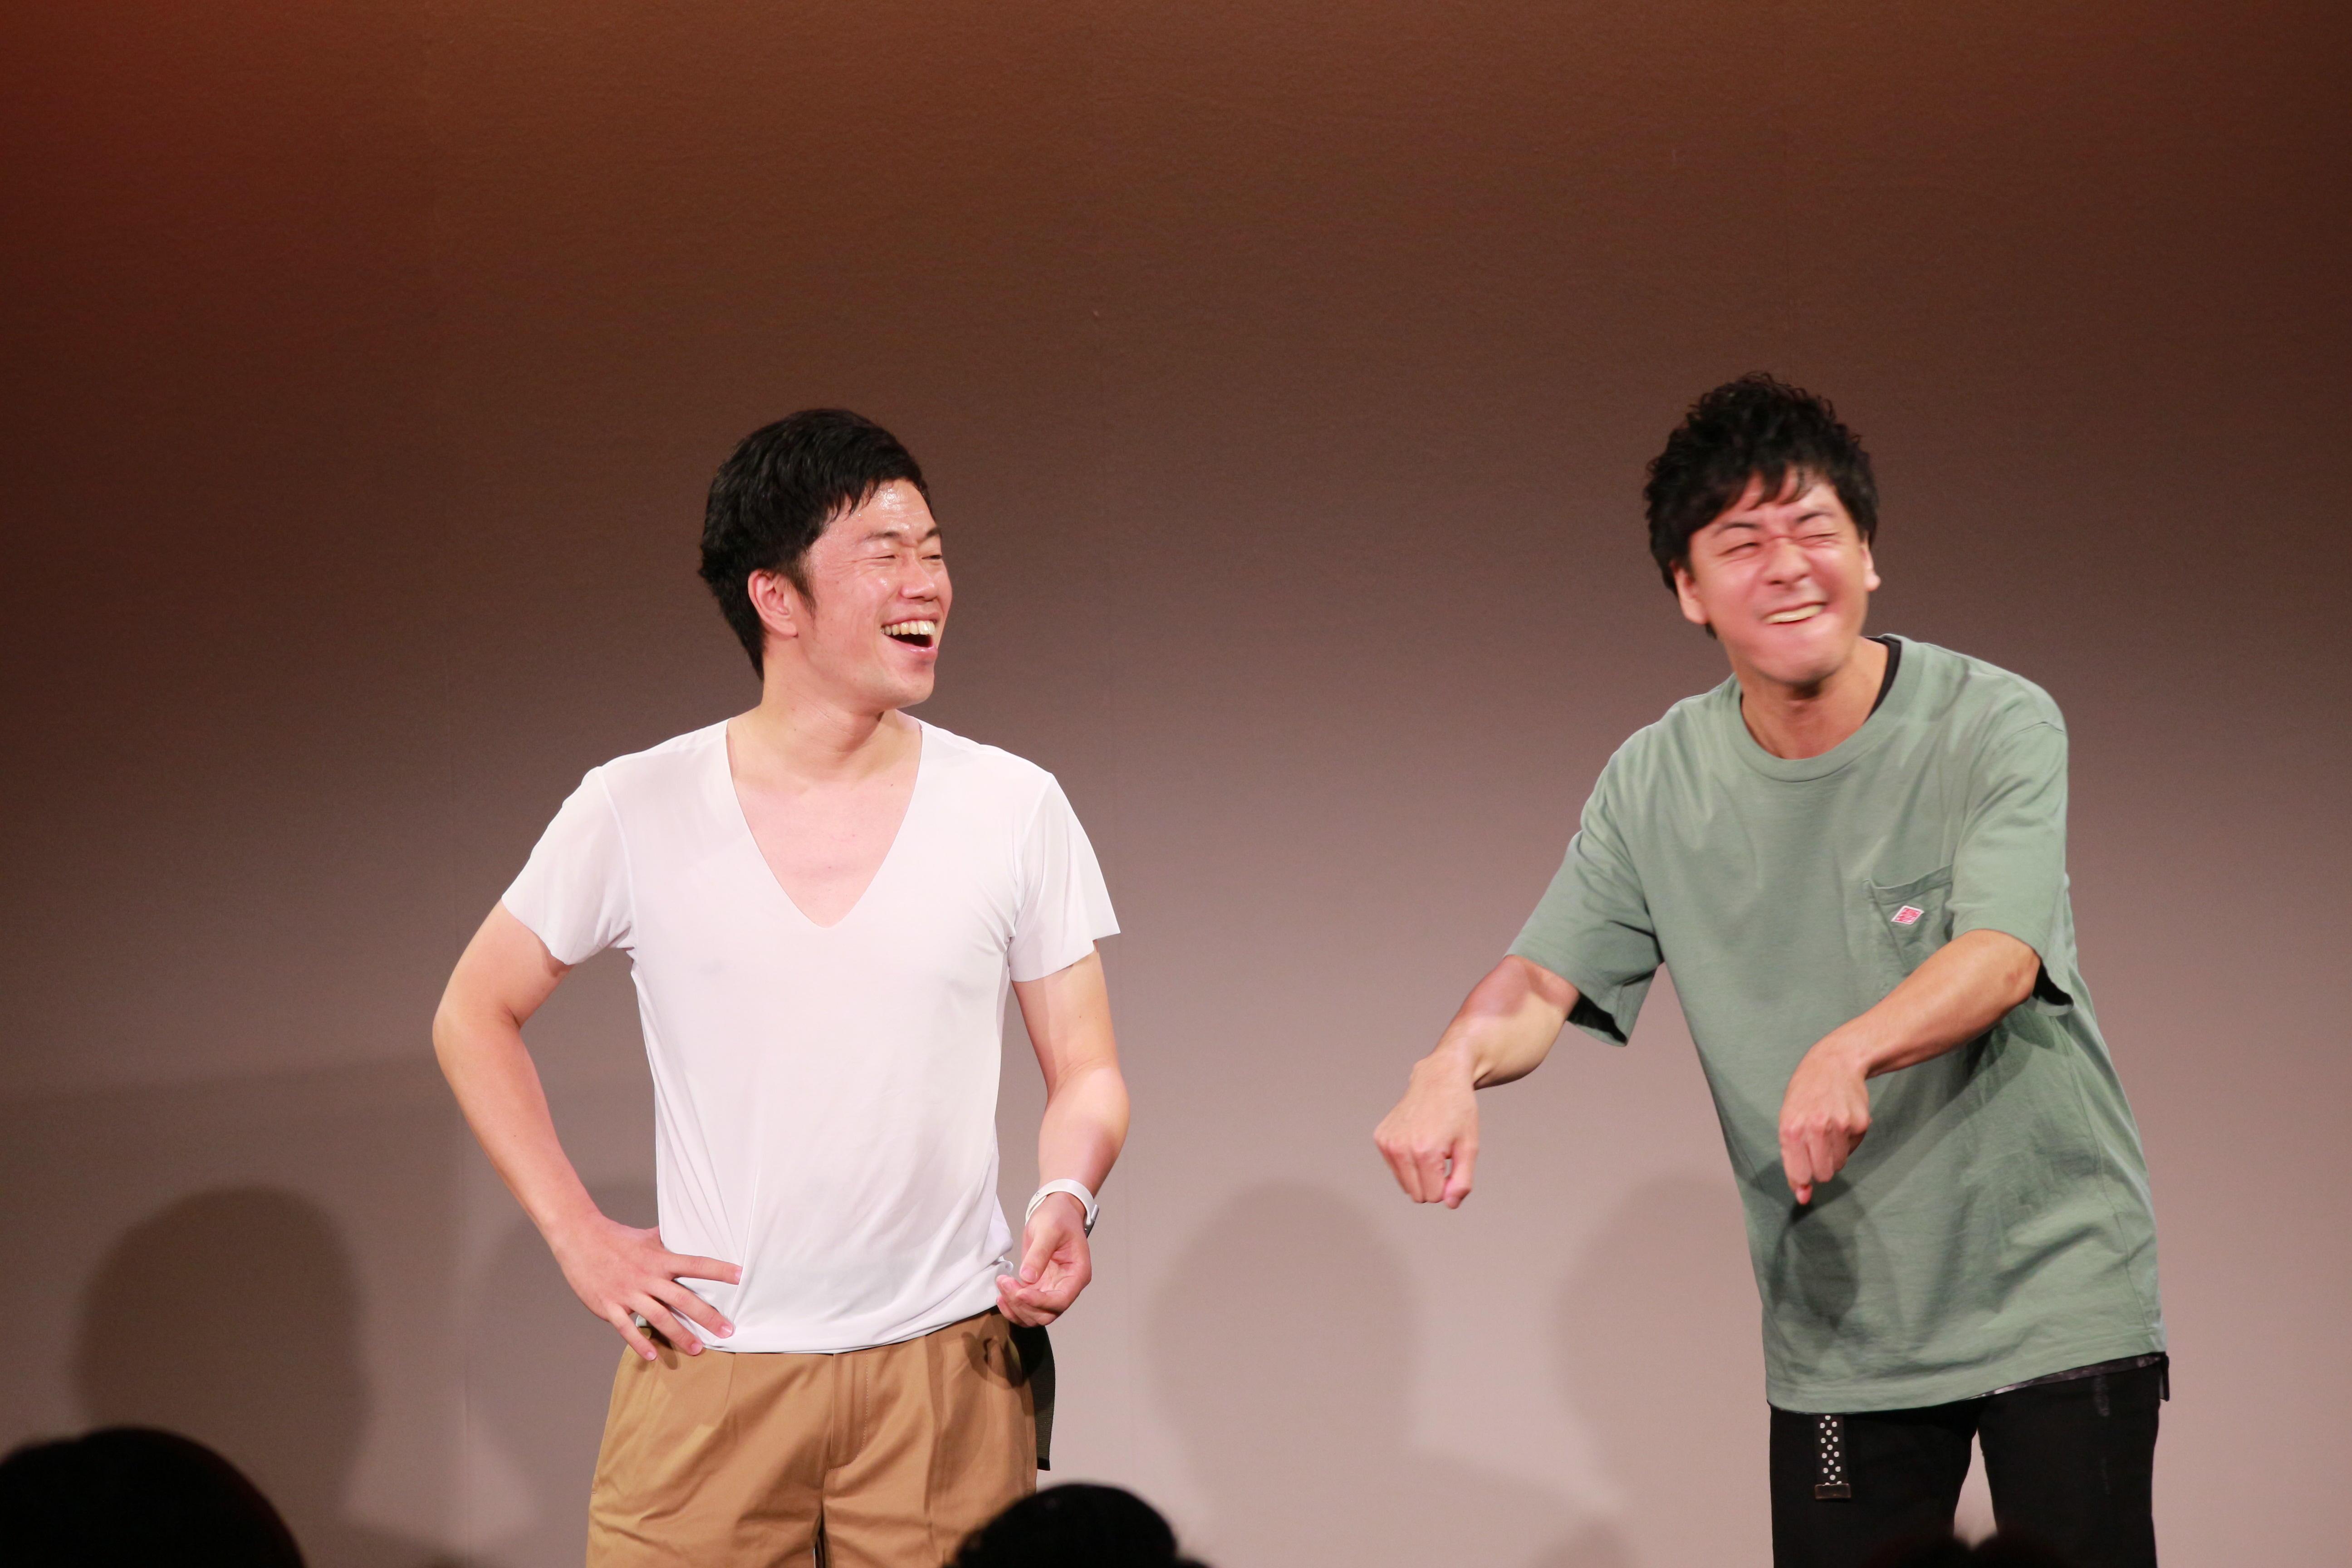 http://news.yoshimoto.co.jp/20180804231531-d90f1d070028a93fbaf3af03b429f078d6360f84.jpg